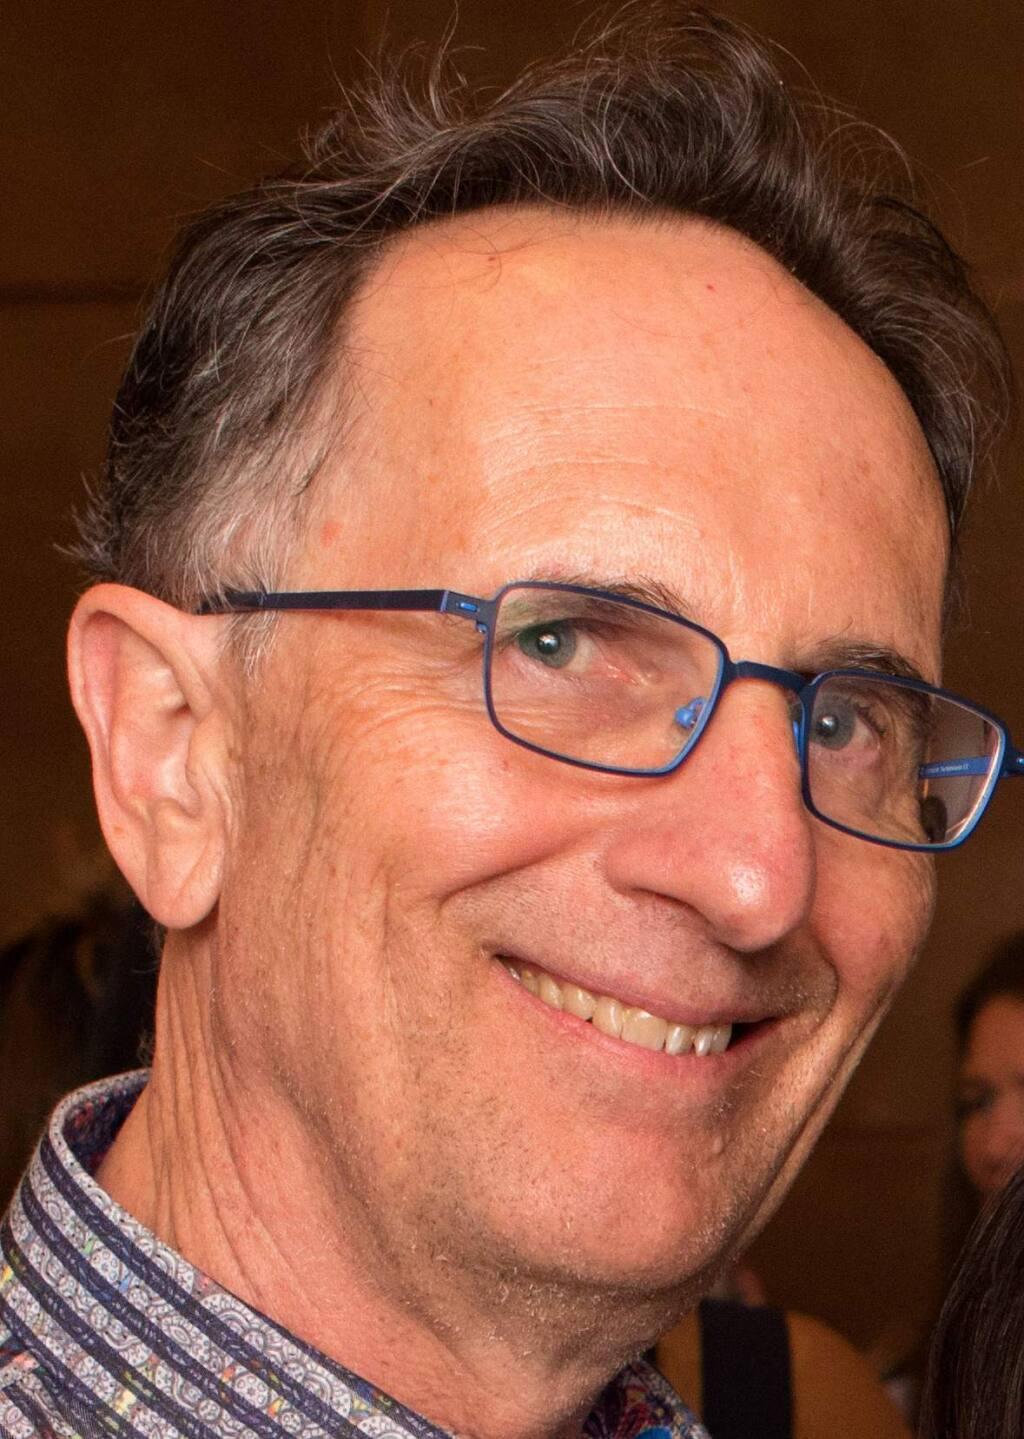 Patrick McCallum